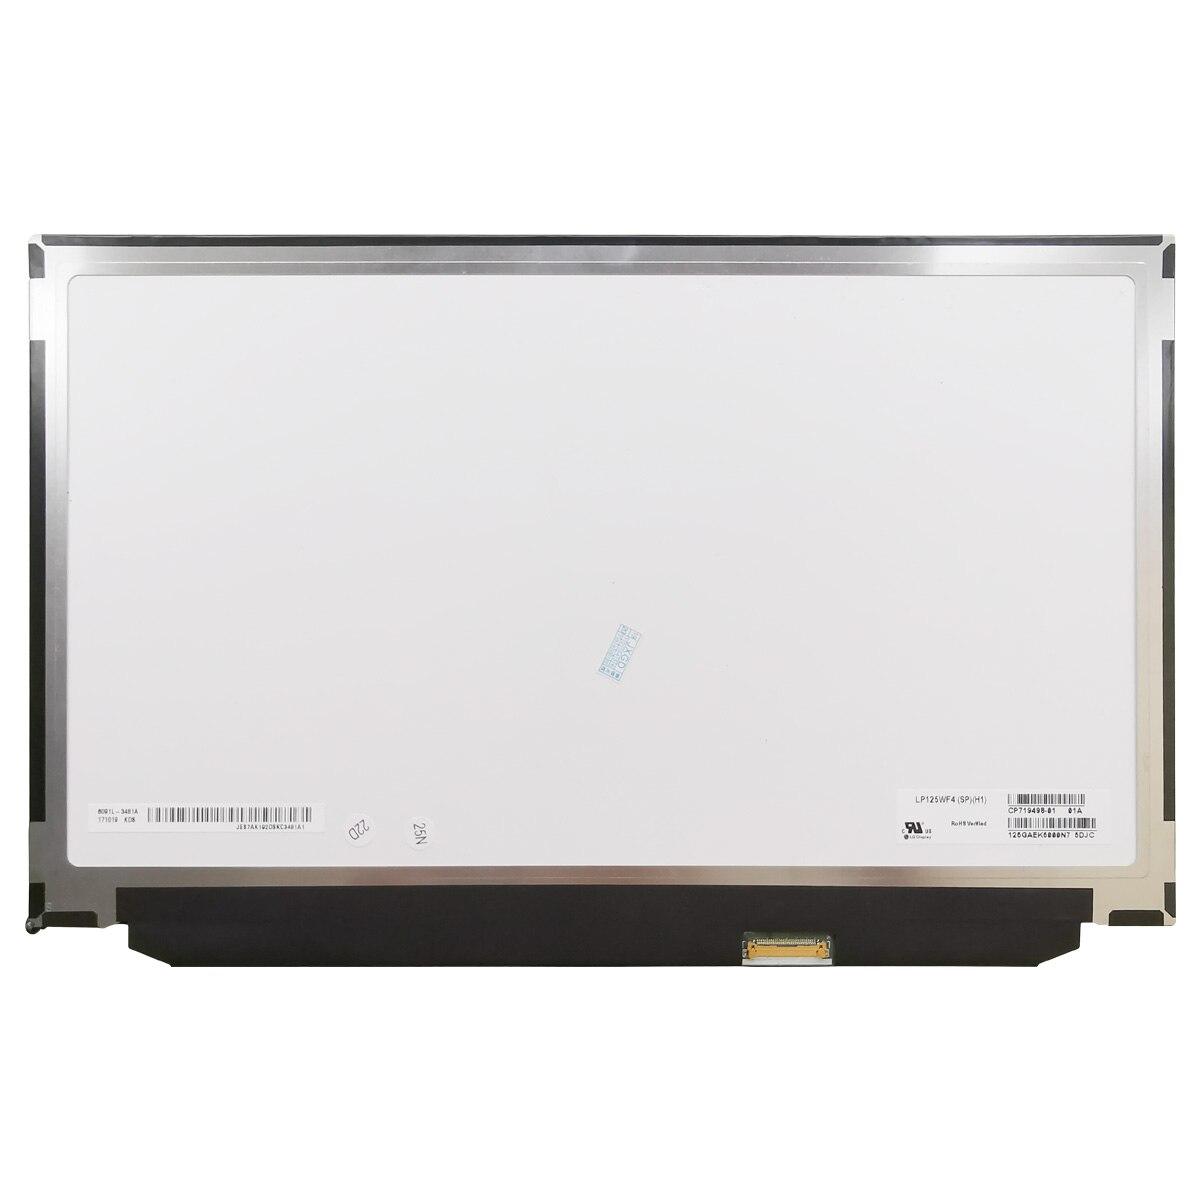 ل LG LP125WF4-SPH1 LP125WF4(SP)(H1) 1920X1080 FHD عرض اختبار LP125WF4 SPH1 Panel12.5